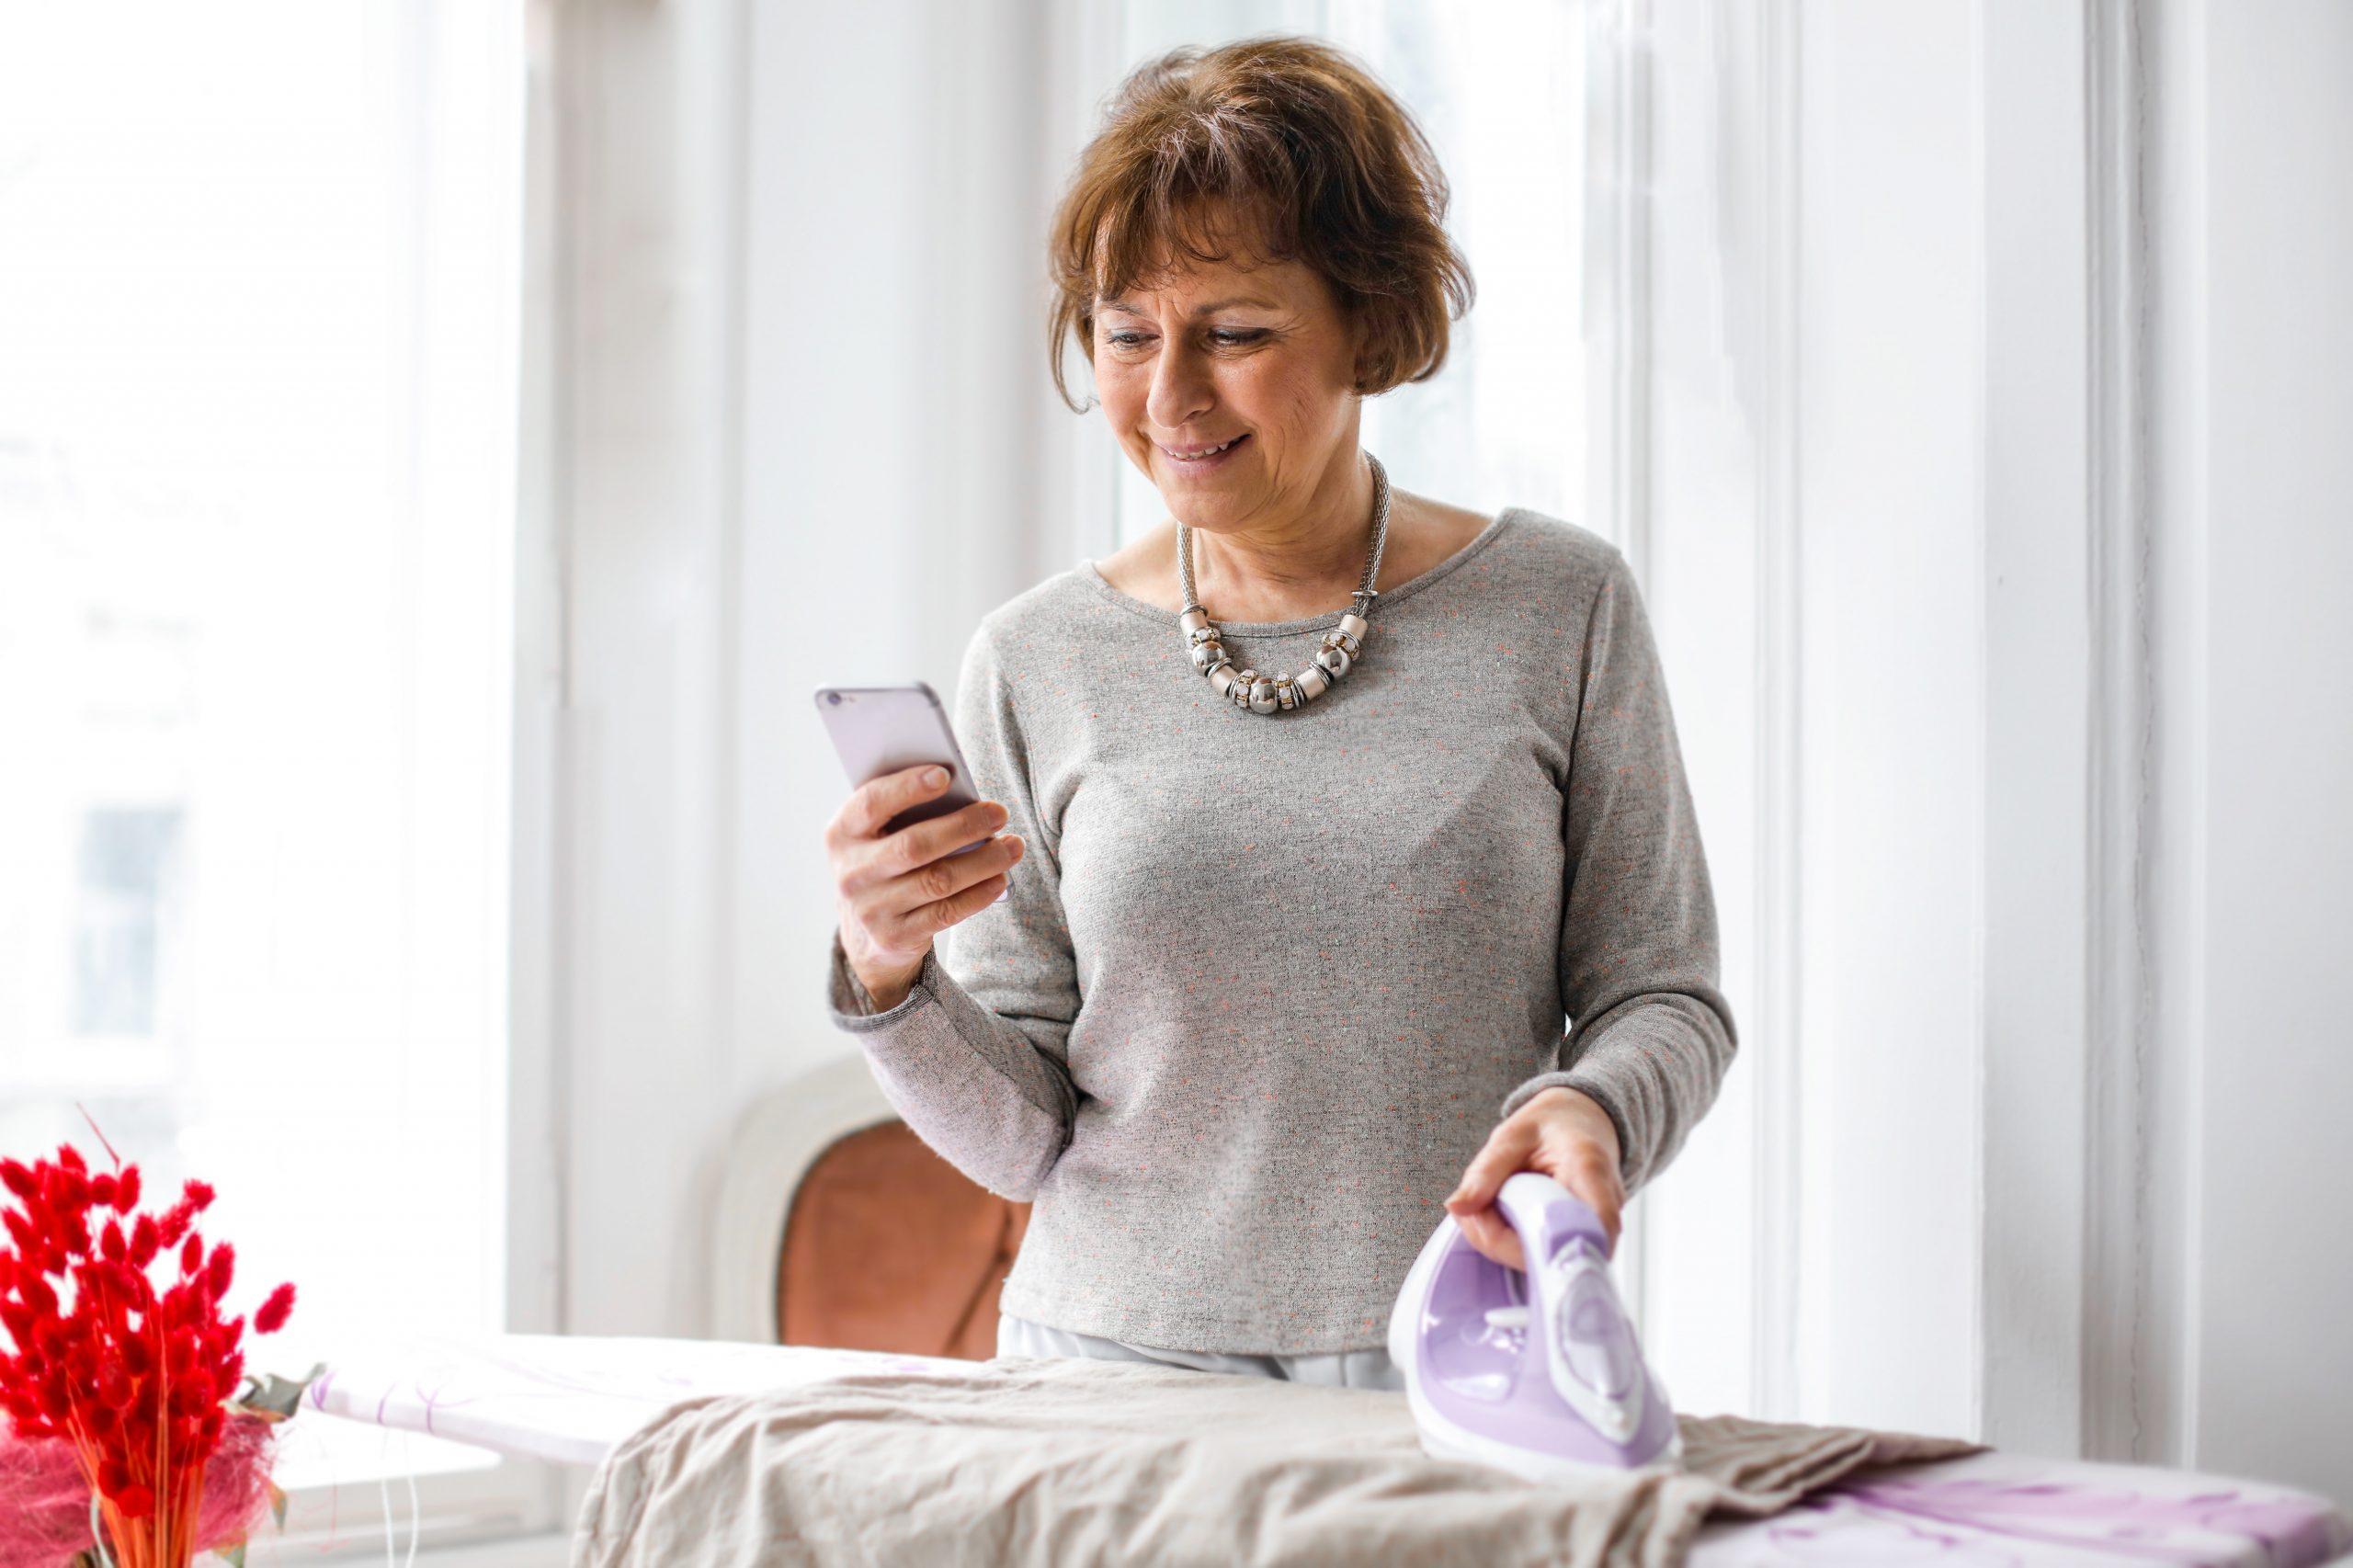 Na foto uma mulher passando roupas segurando um celular na mão.